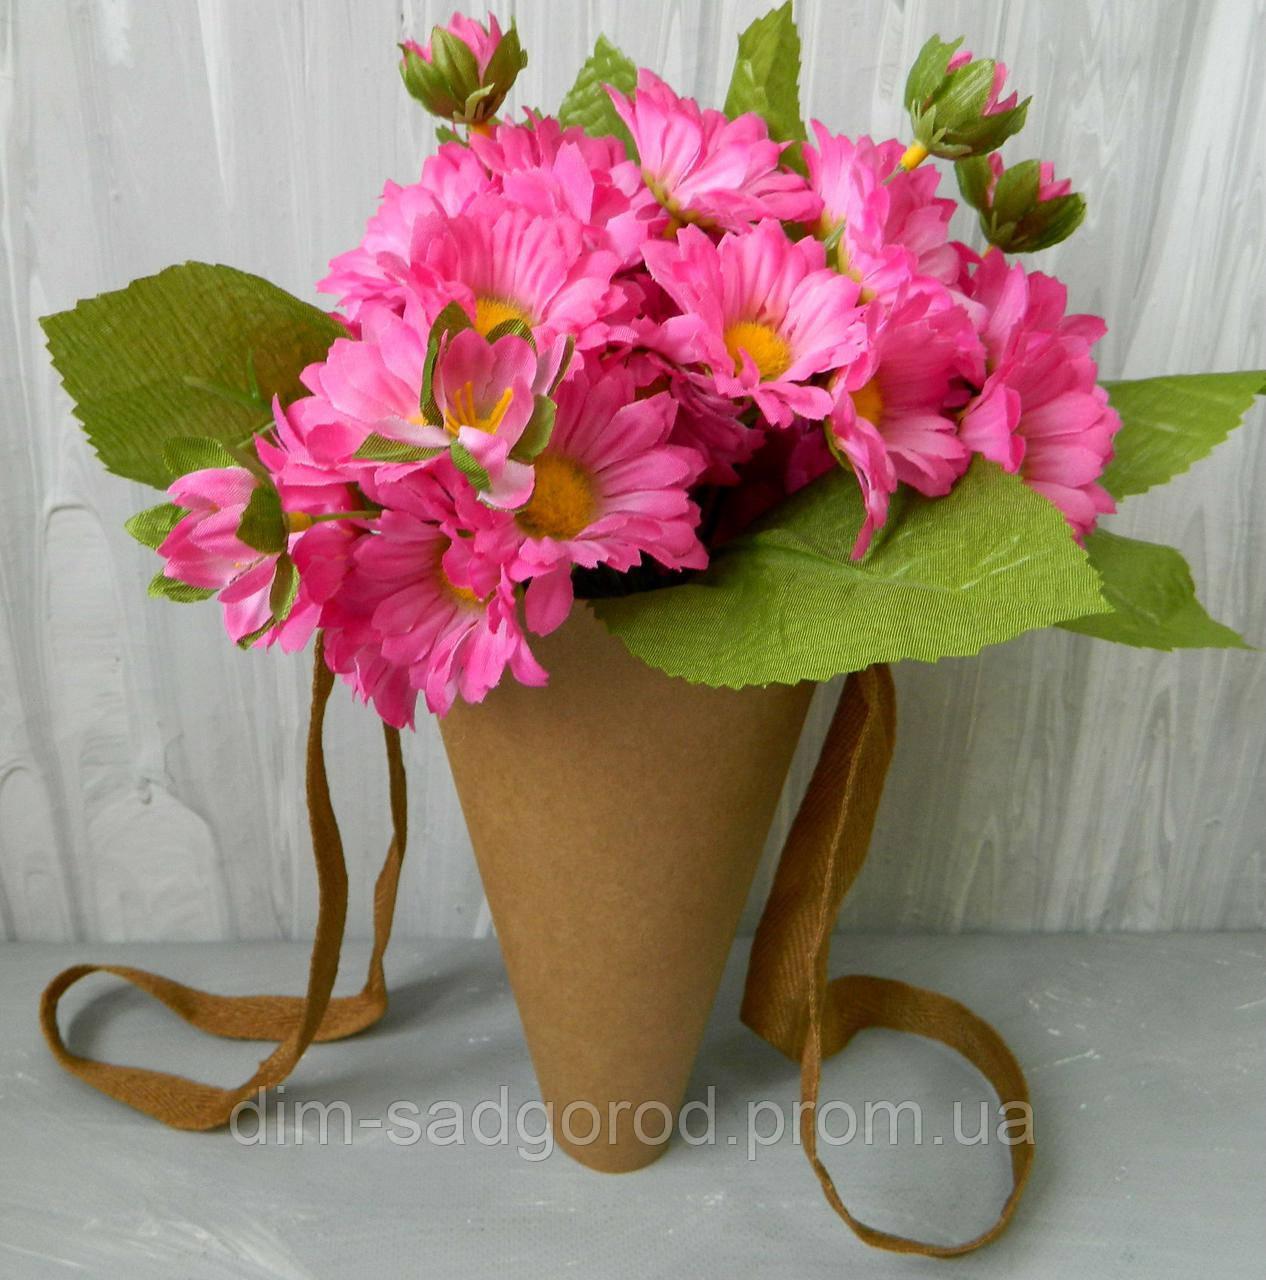 Подарункова коробка для квітів 21365-10 конус (м), D-12,5 см Подарочная коробка для цветов